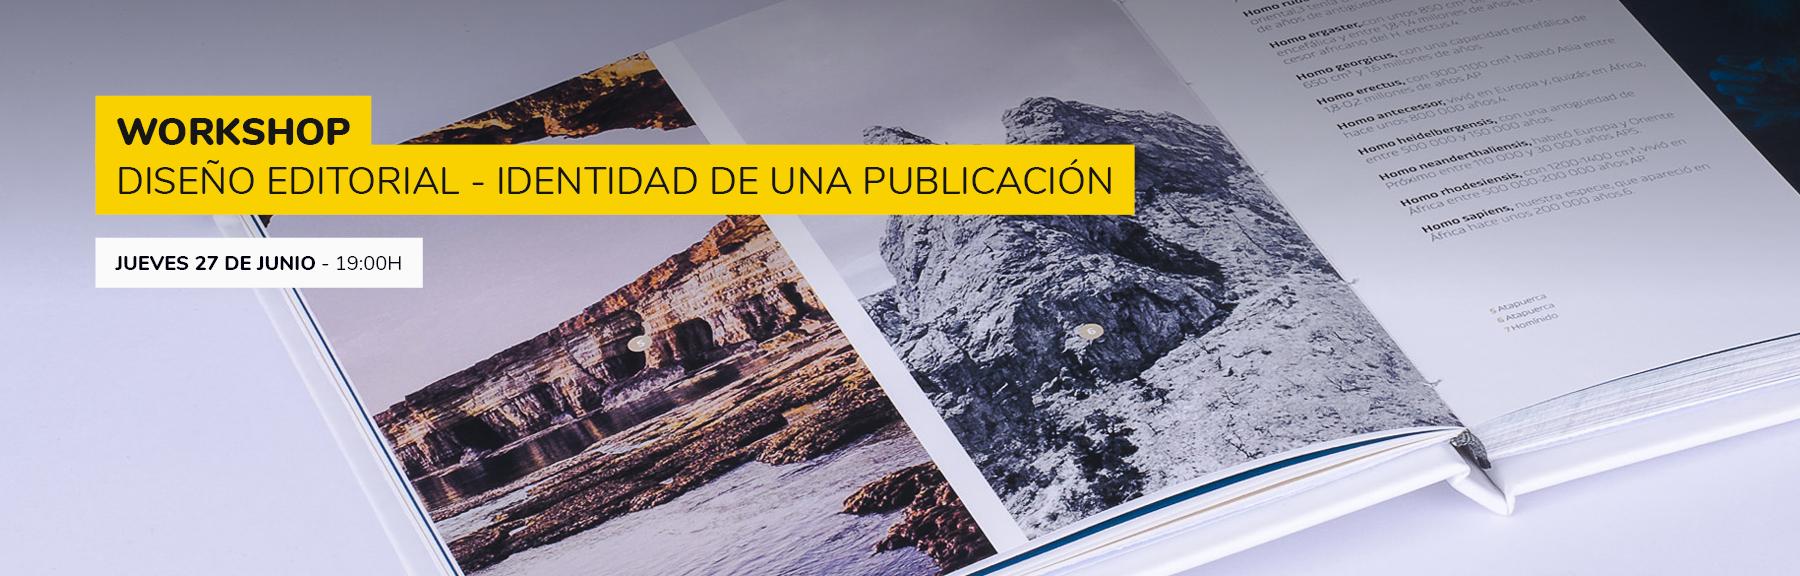 CABECERA-Diseño-editorial-y-identidad-de-publicacion